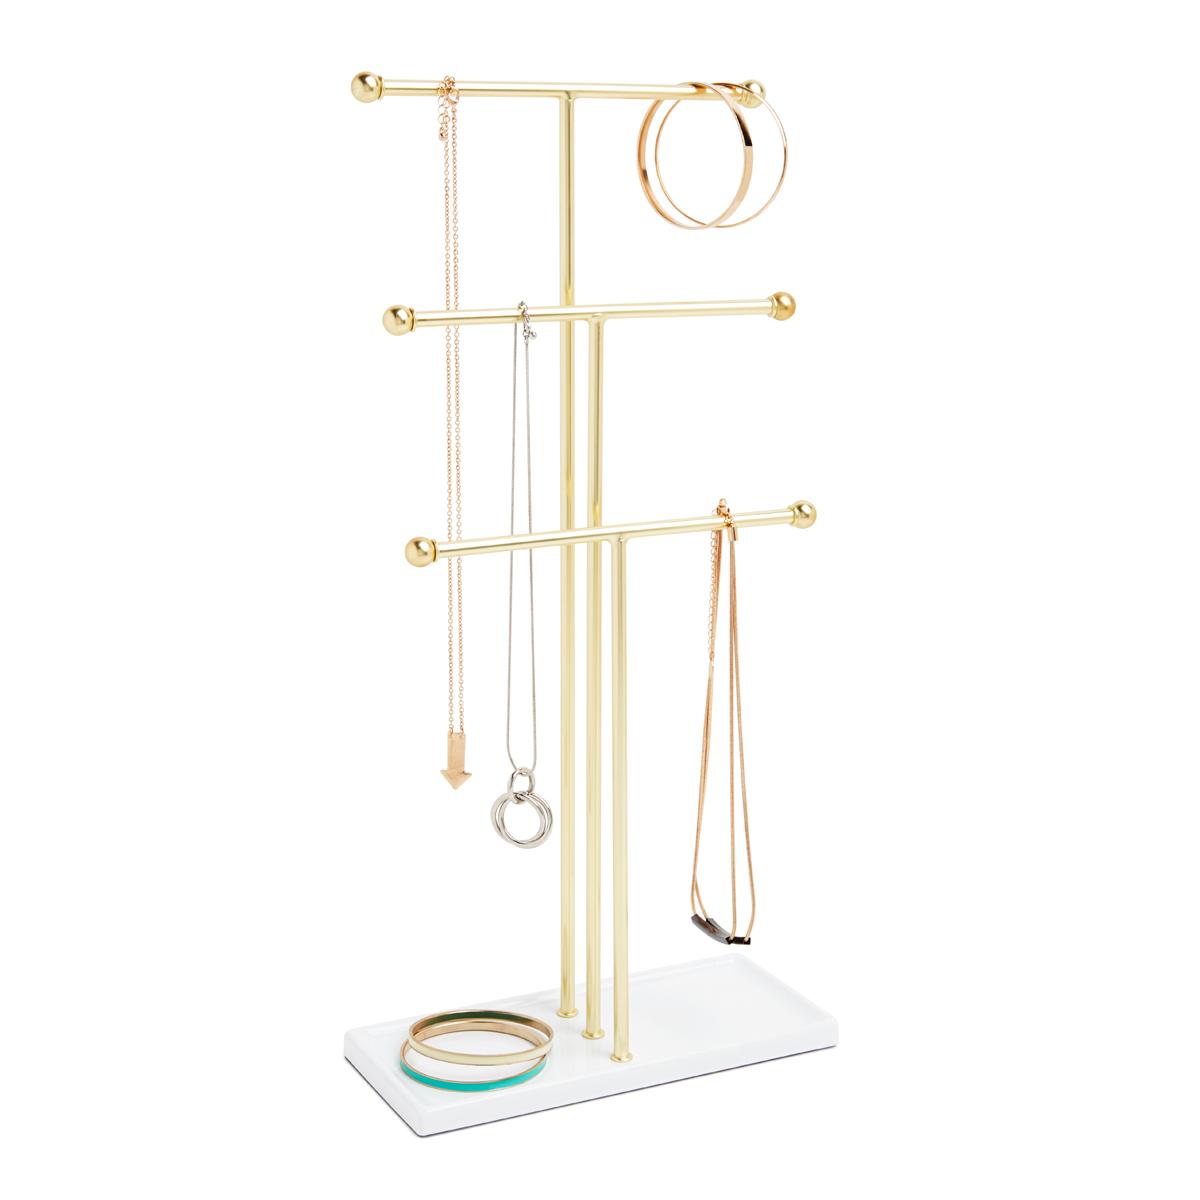 Органайзер для украшений Umbra Trigem299330-524Высокотехнологично и высокофункционально: трехъярусный держатель для украшений продуман для мелочей. Самый высокий - для бус, средний - для длинных серег и цепочек, малый - для браслетов, сережек, колец. Плюс подставка держателя как дополнительное пространство для часов или клипс. Если ваши украшения хранятся в коробке или еще хуже - валяются в ящике стола, то самое время организовать их!